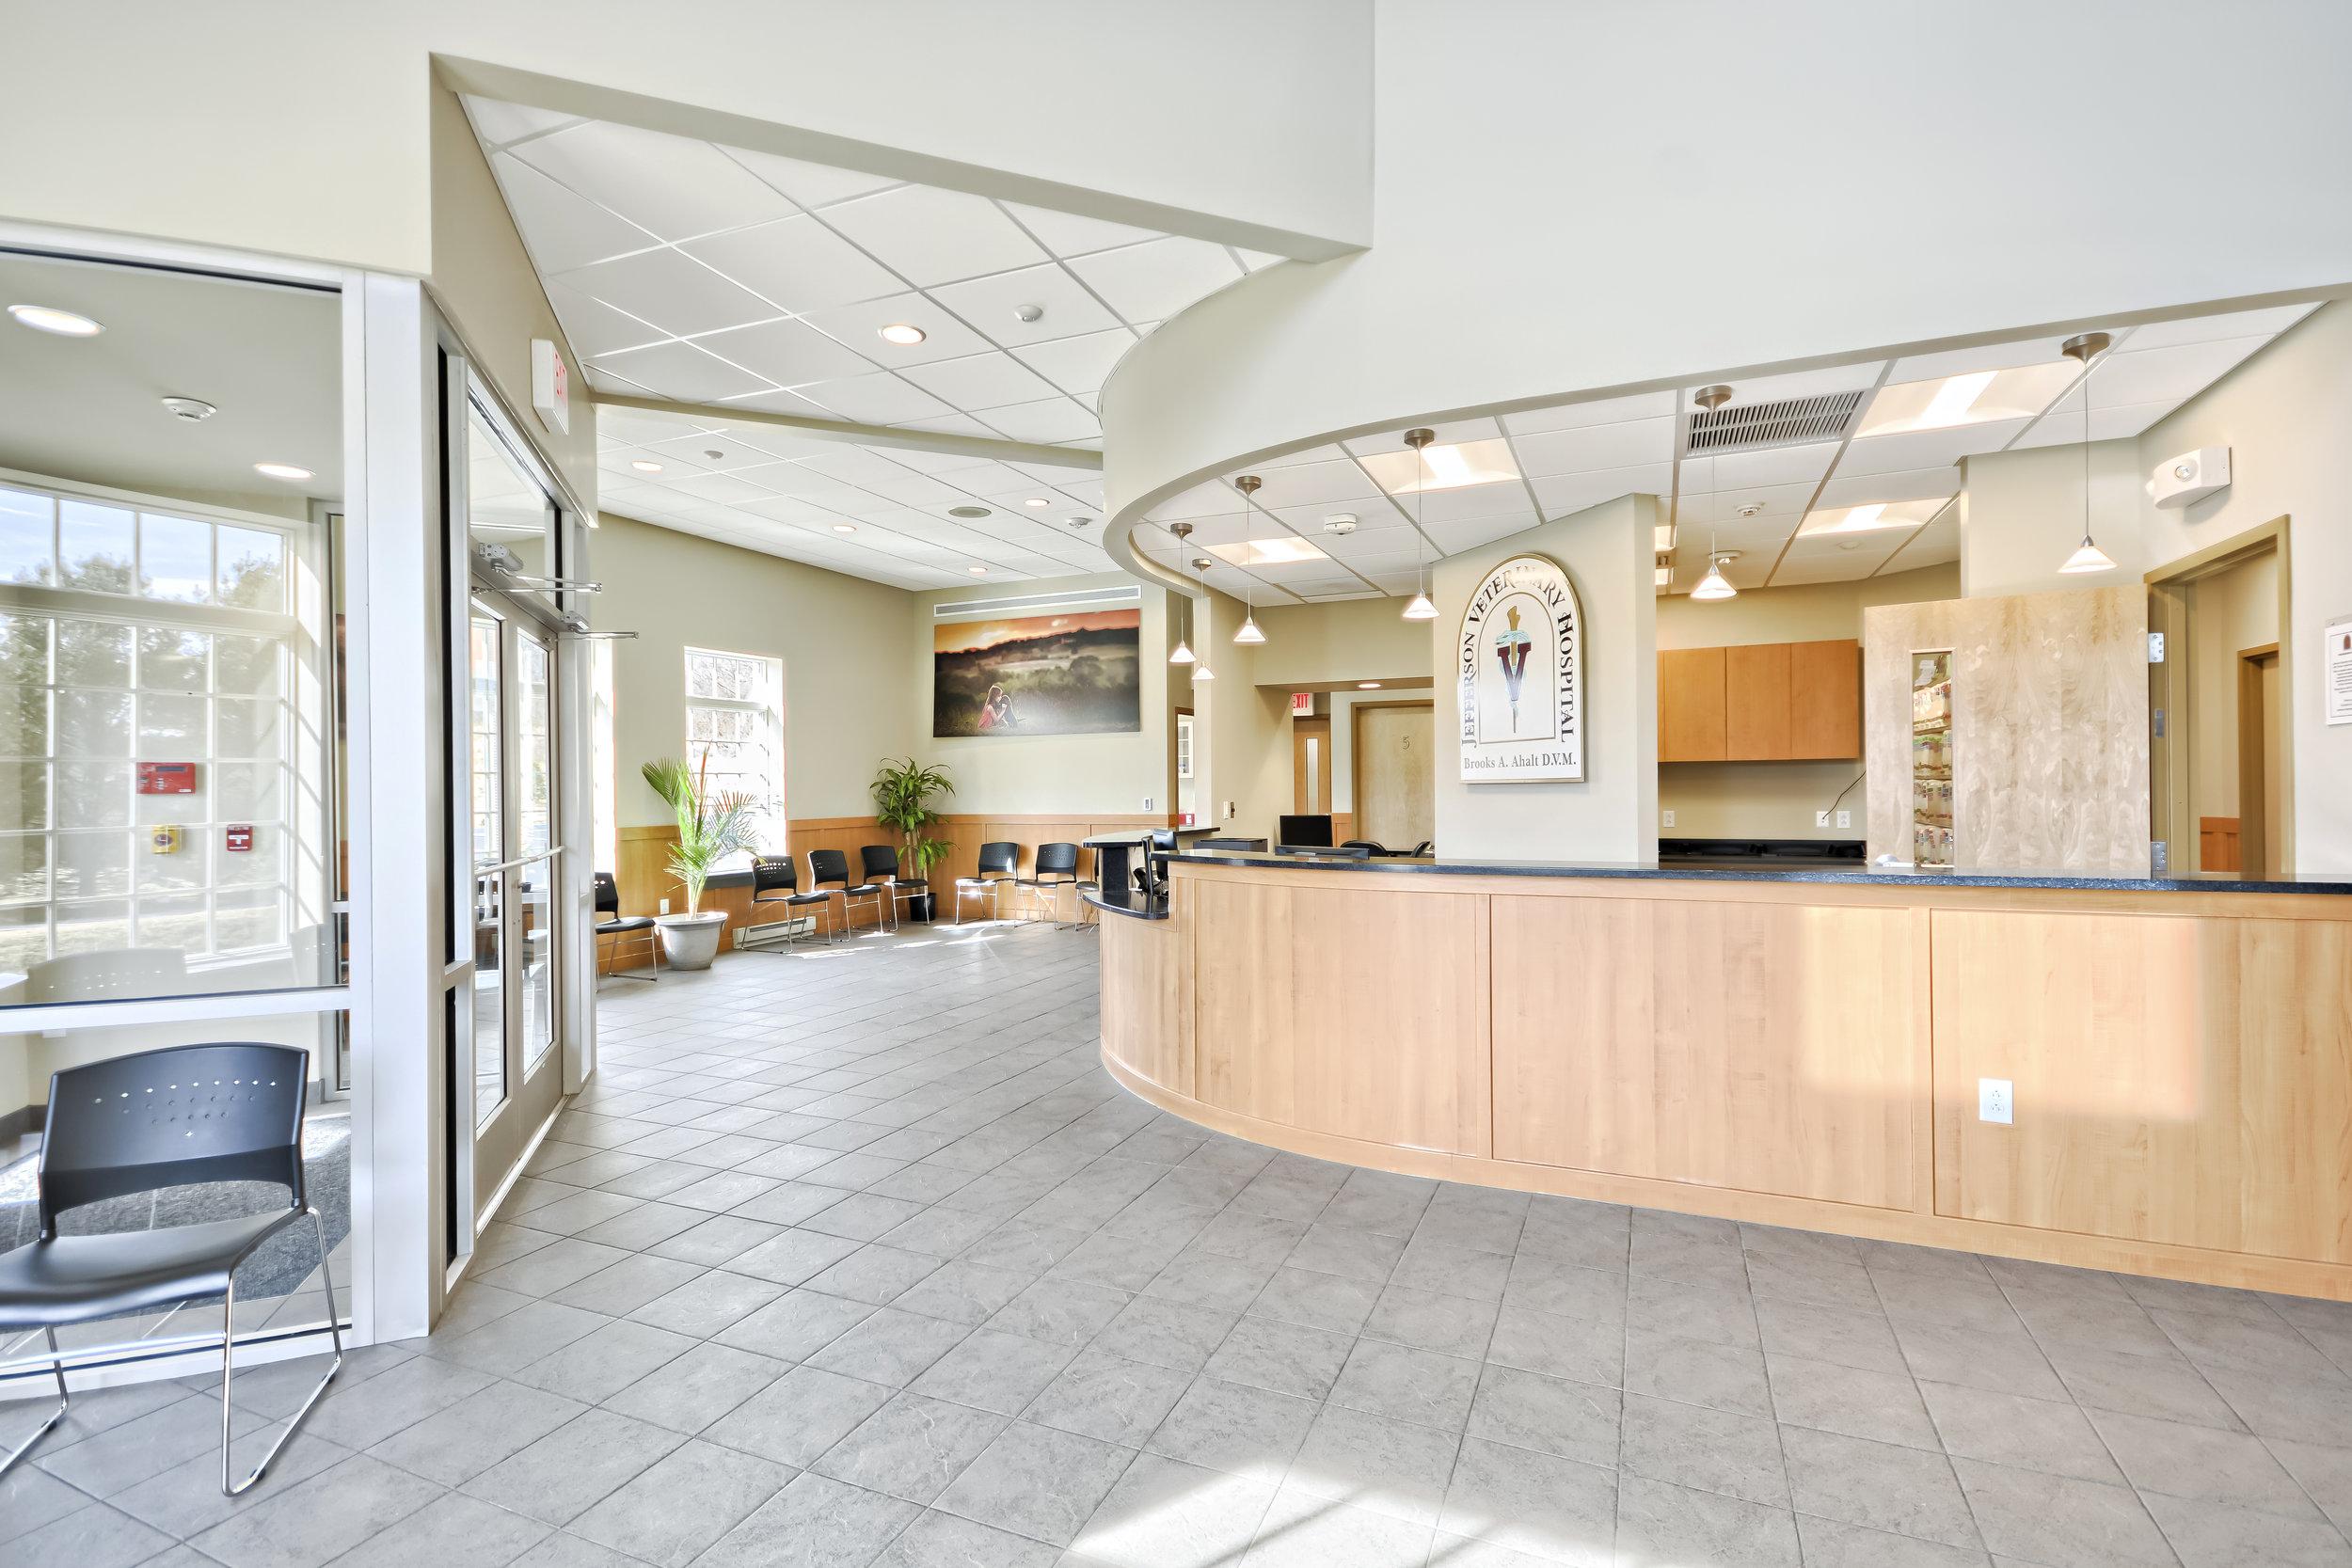 veterinarian frederick md reception area